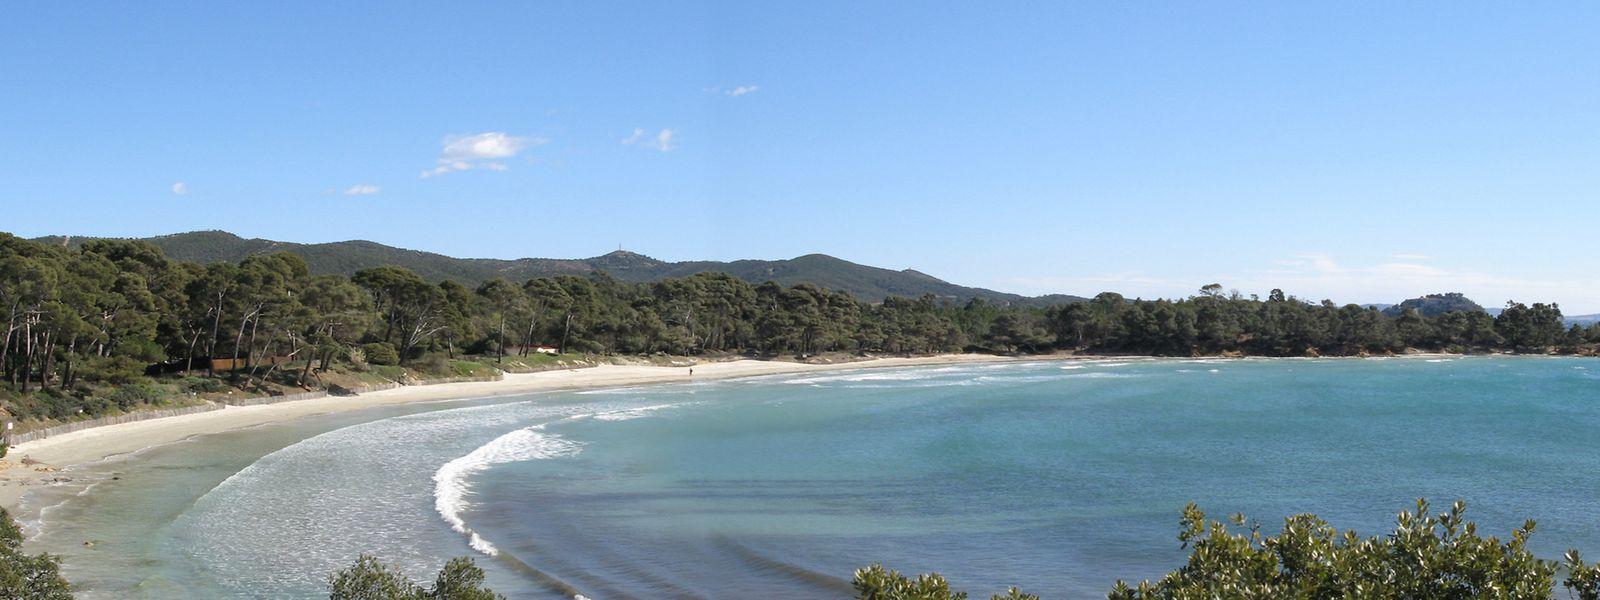 La plage de Cabasson tient son nom d'un hameau de Bormes-les-Mimosas